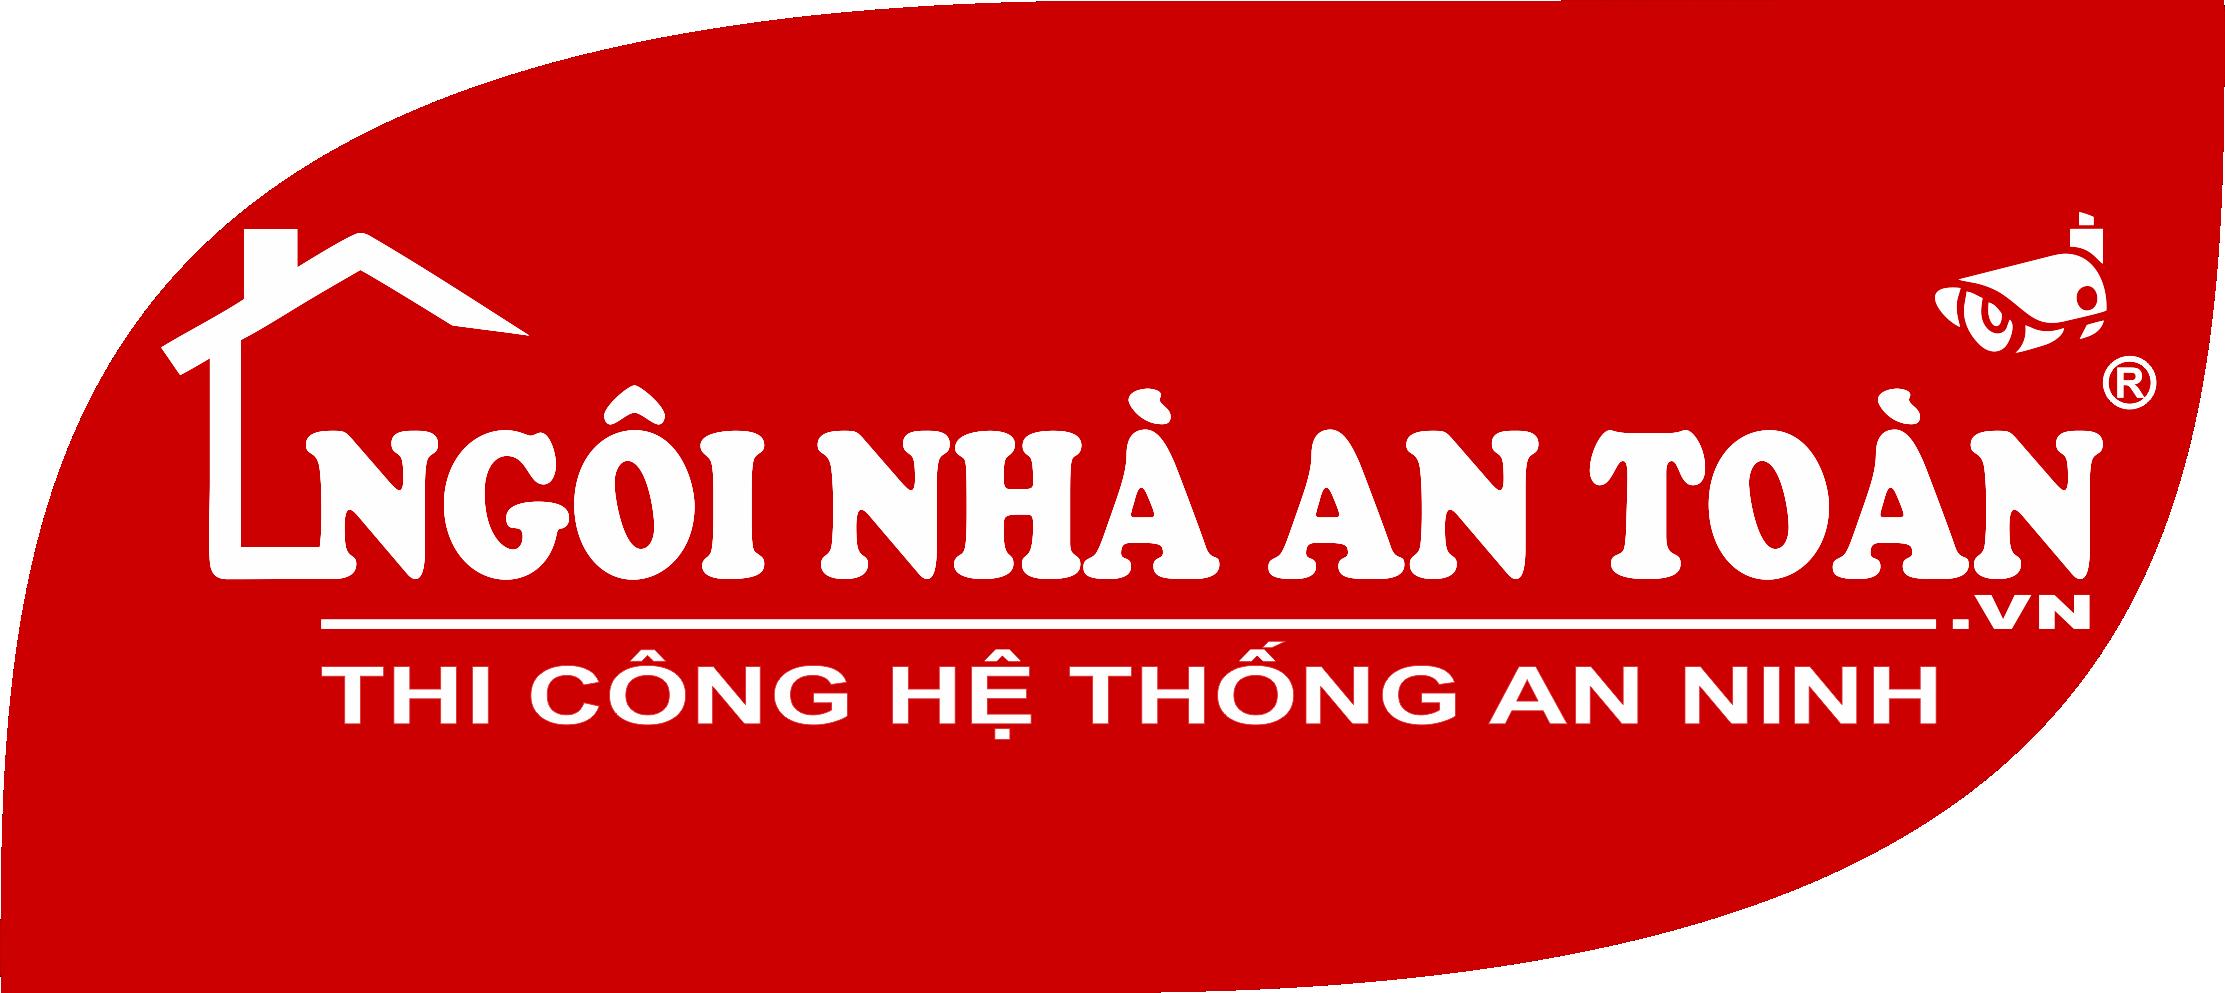 NGÔI NHÀ AN TOÀN – CN NHÀ BÈ